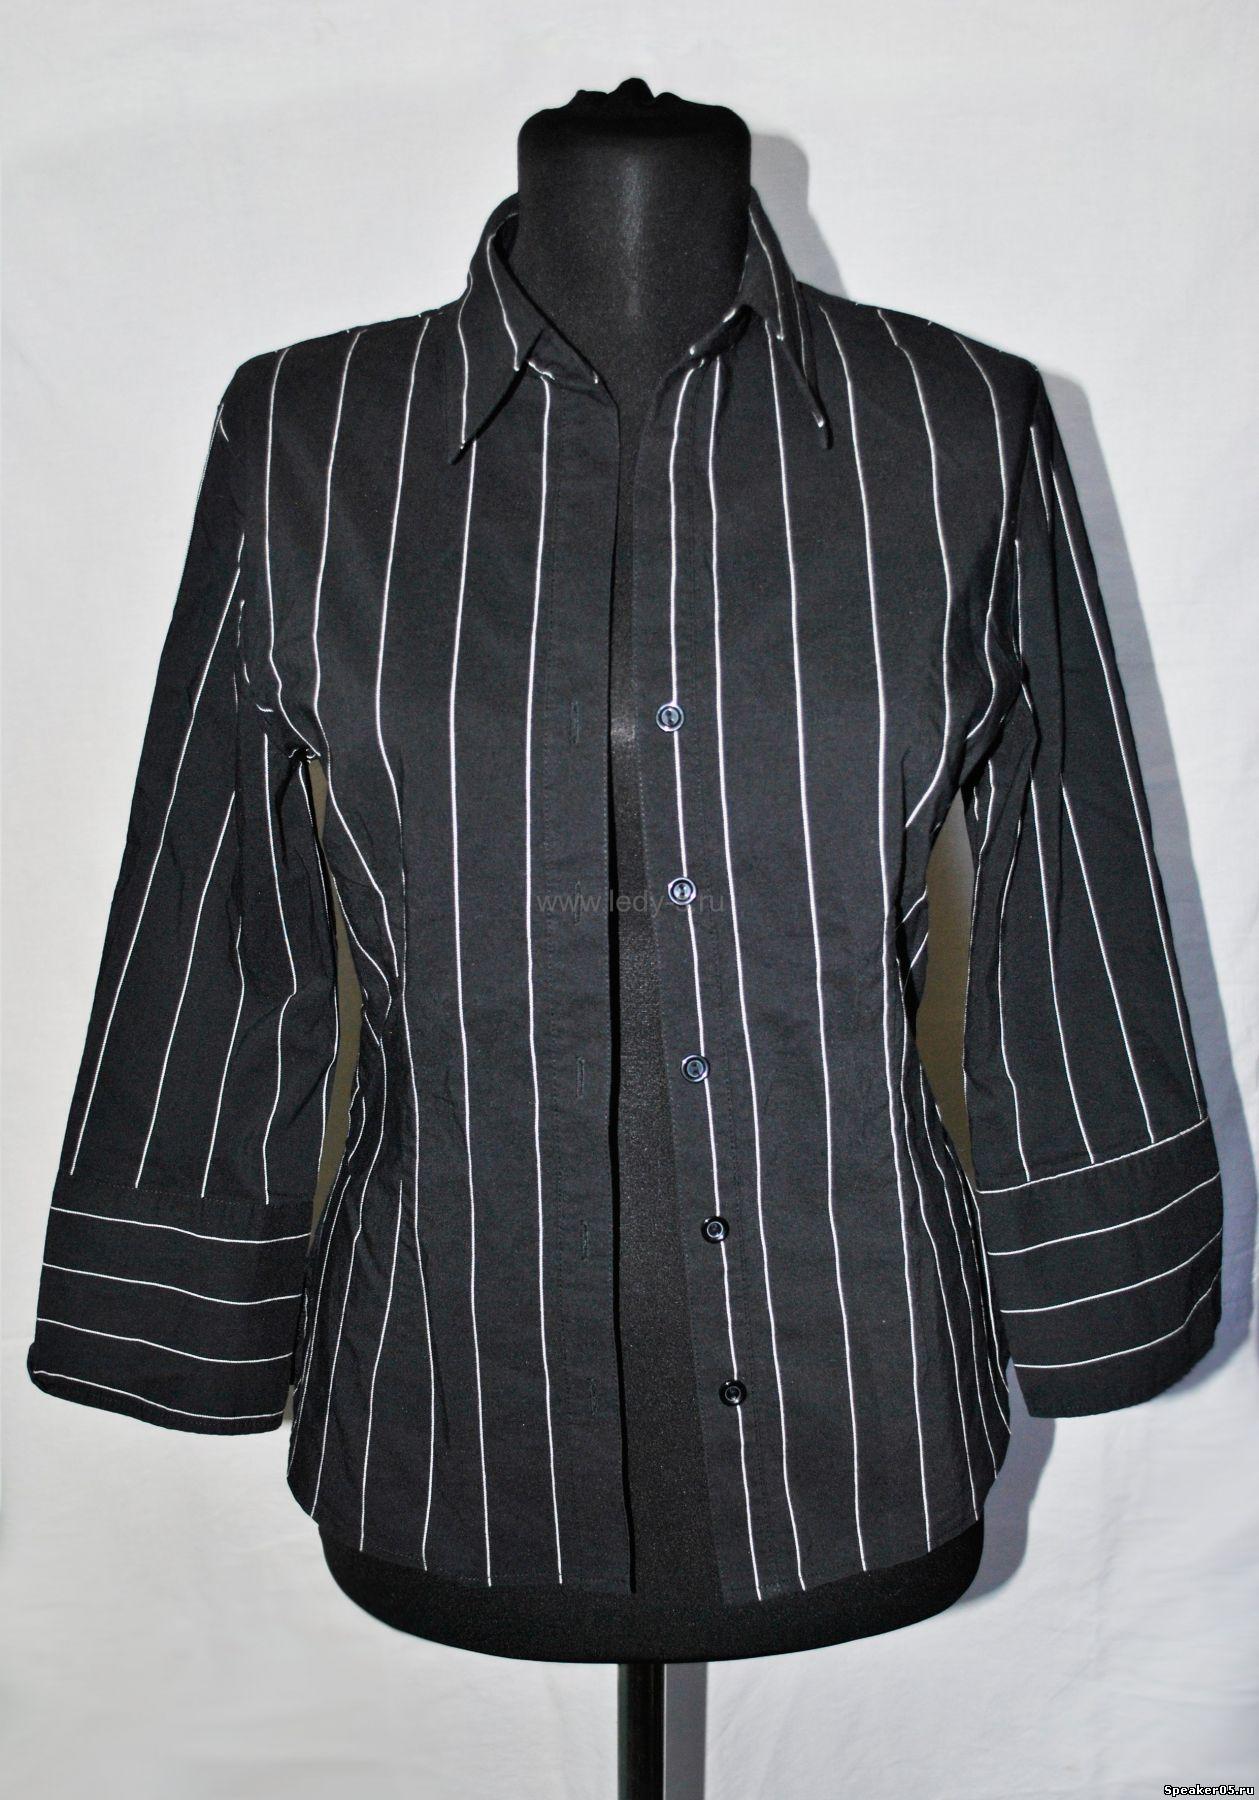 d9be6ff1d Стоковая одежда интернет магазин. Модная одежда